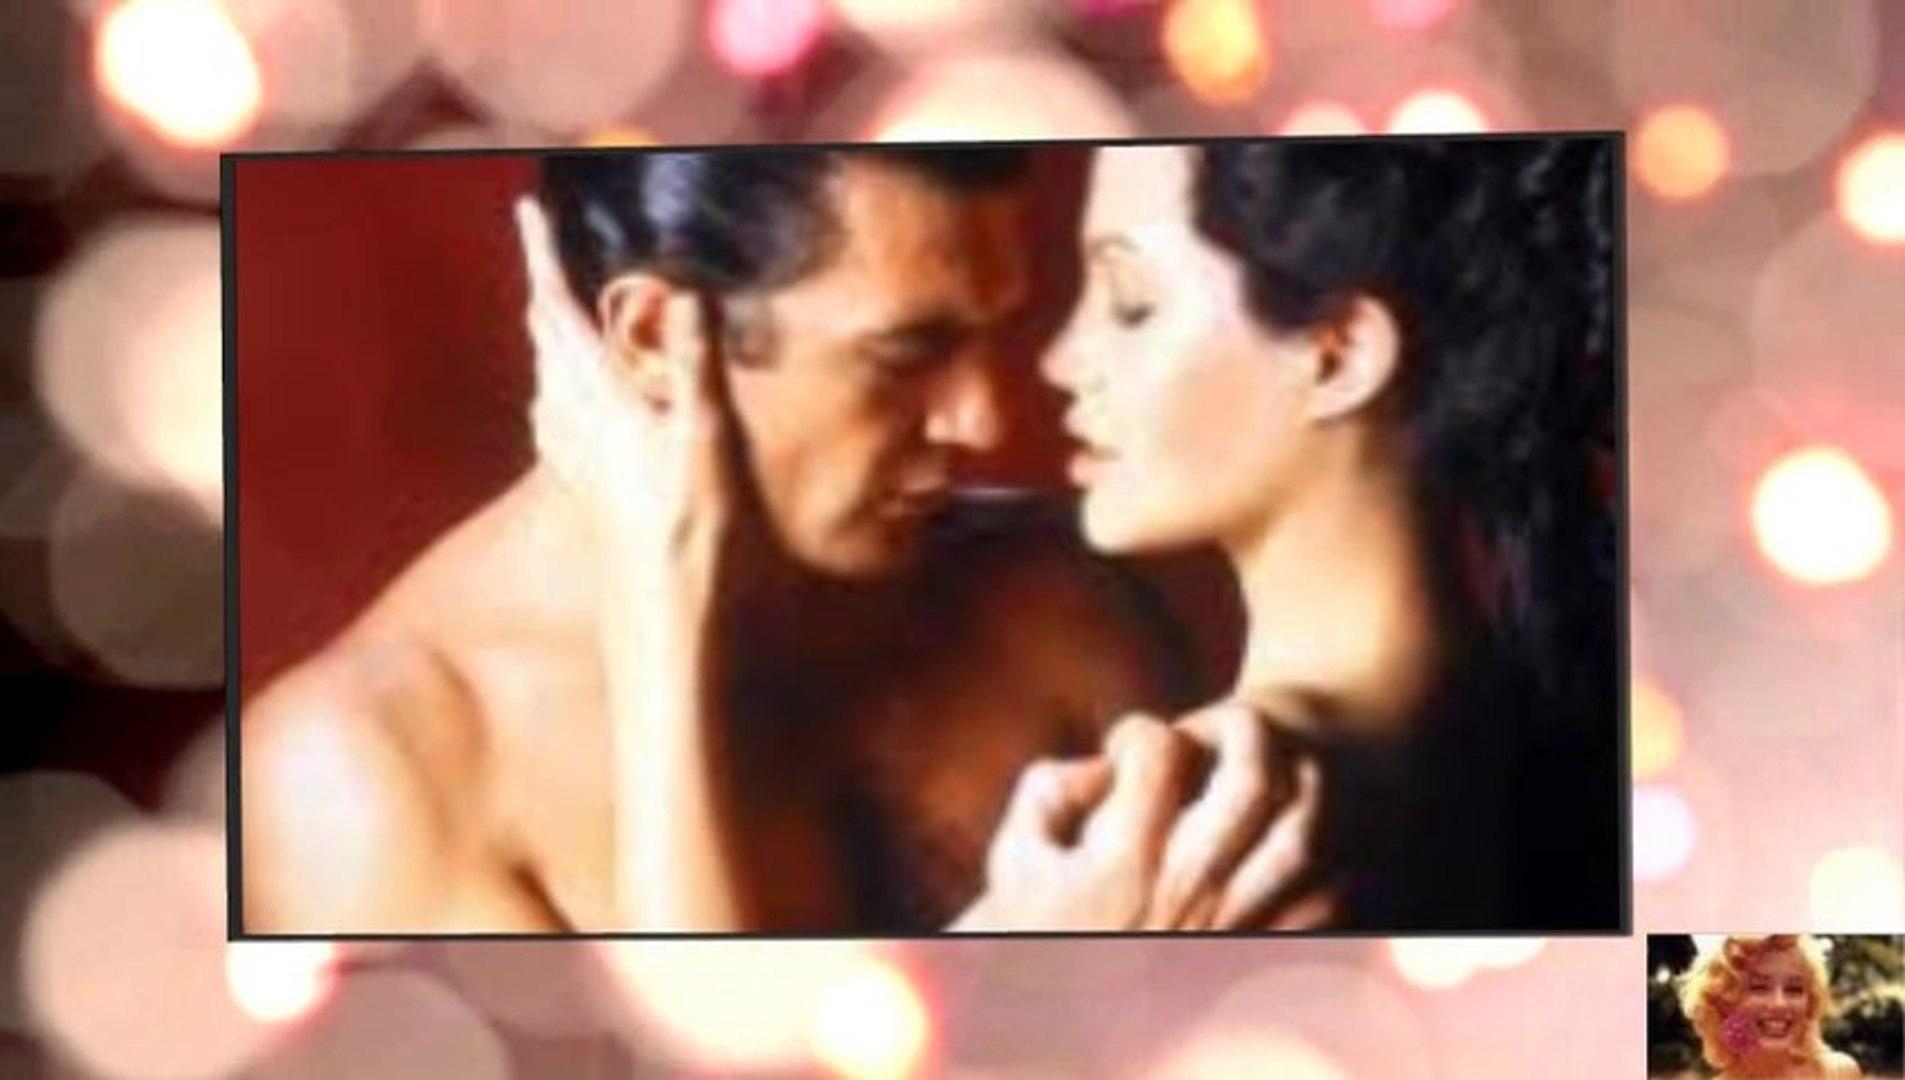 Angelina Jolie Sin Sex Scene antonio banderas~angelina jolie~original sin~you belong to my  heart~solamente una vez ~augustin lara~